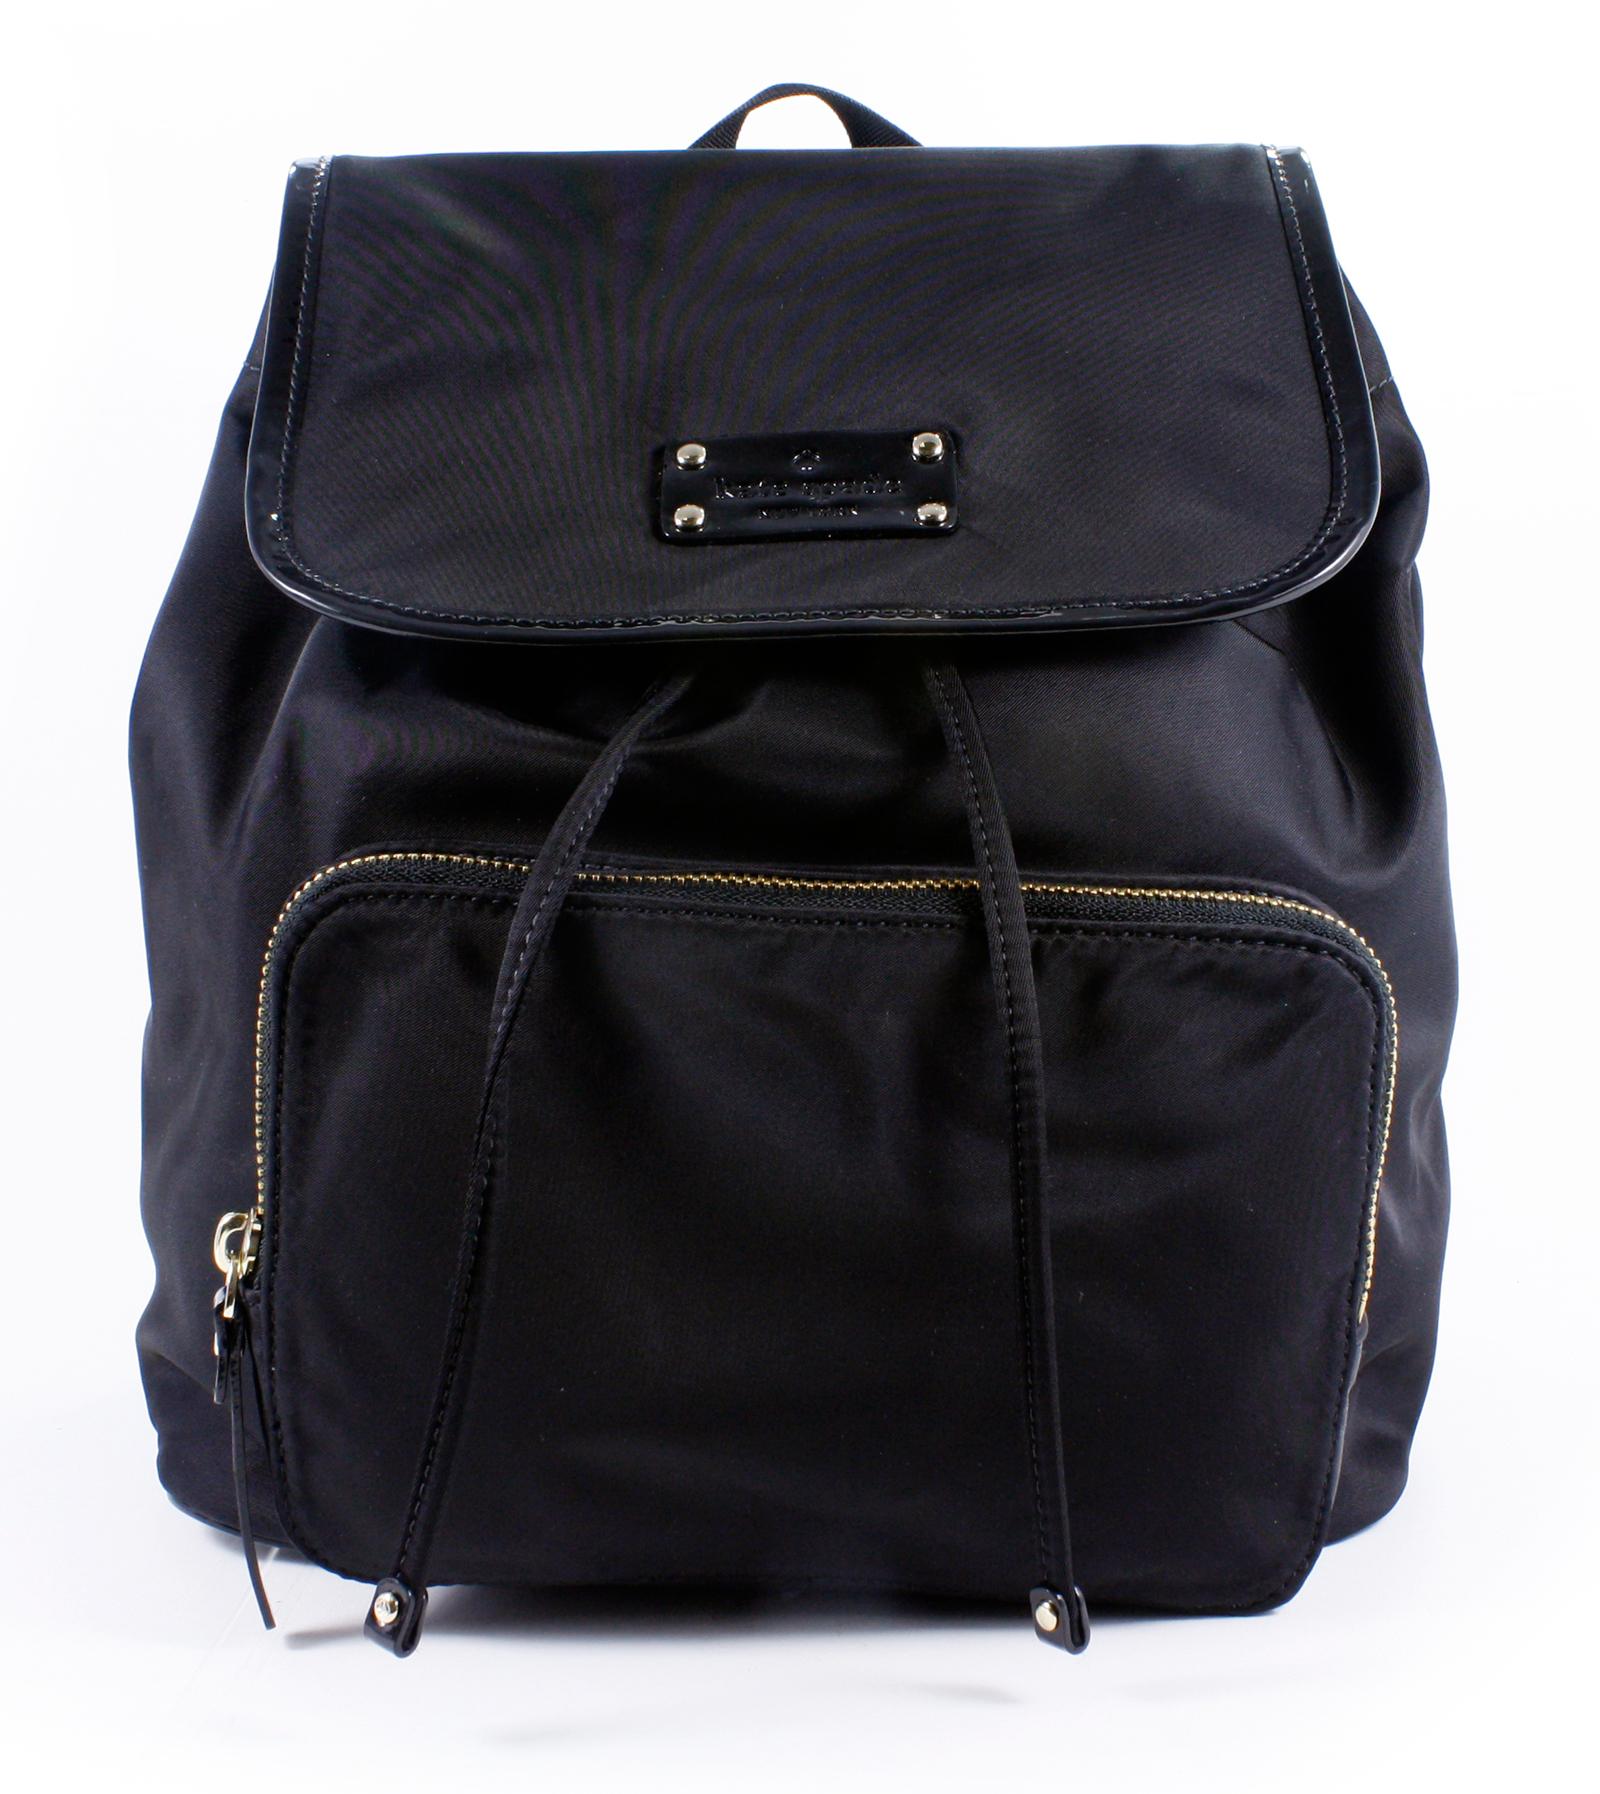 Kate Spade Regan Basic Nylon Black Backpack Handbag Purse ...